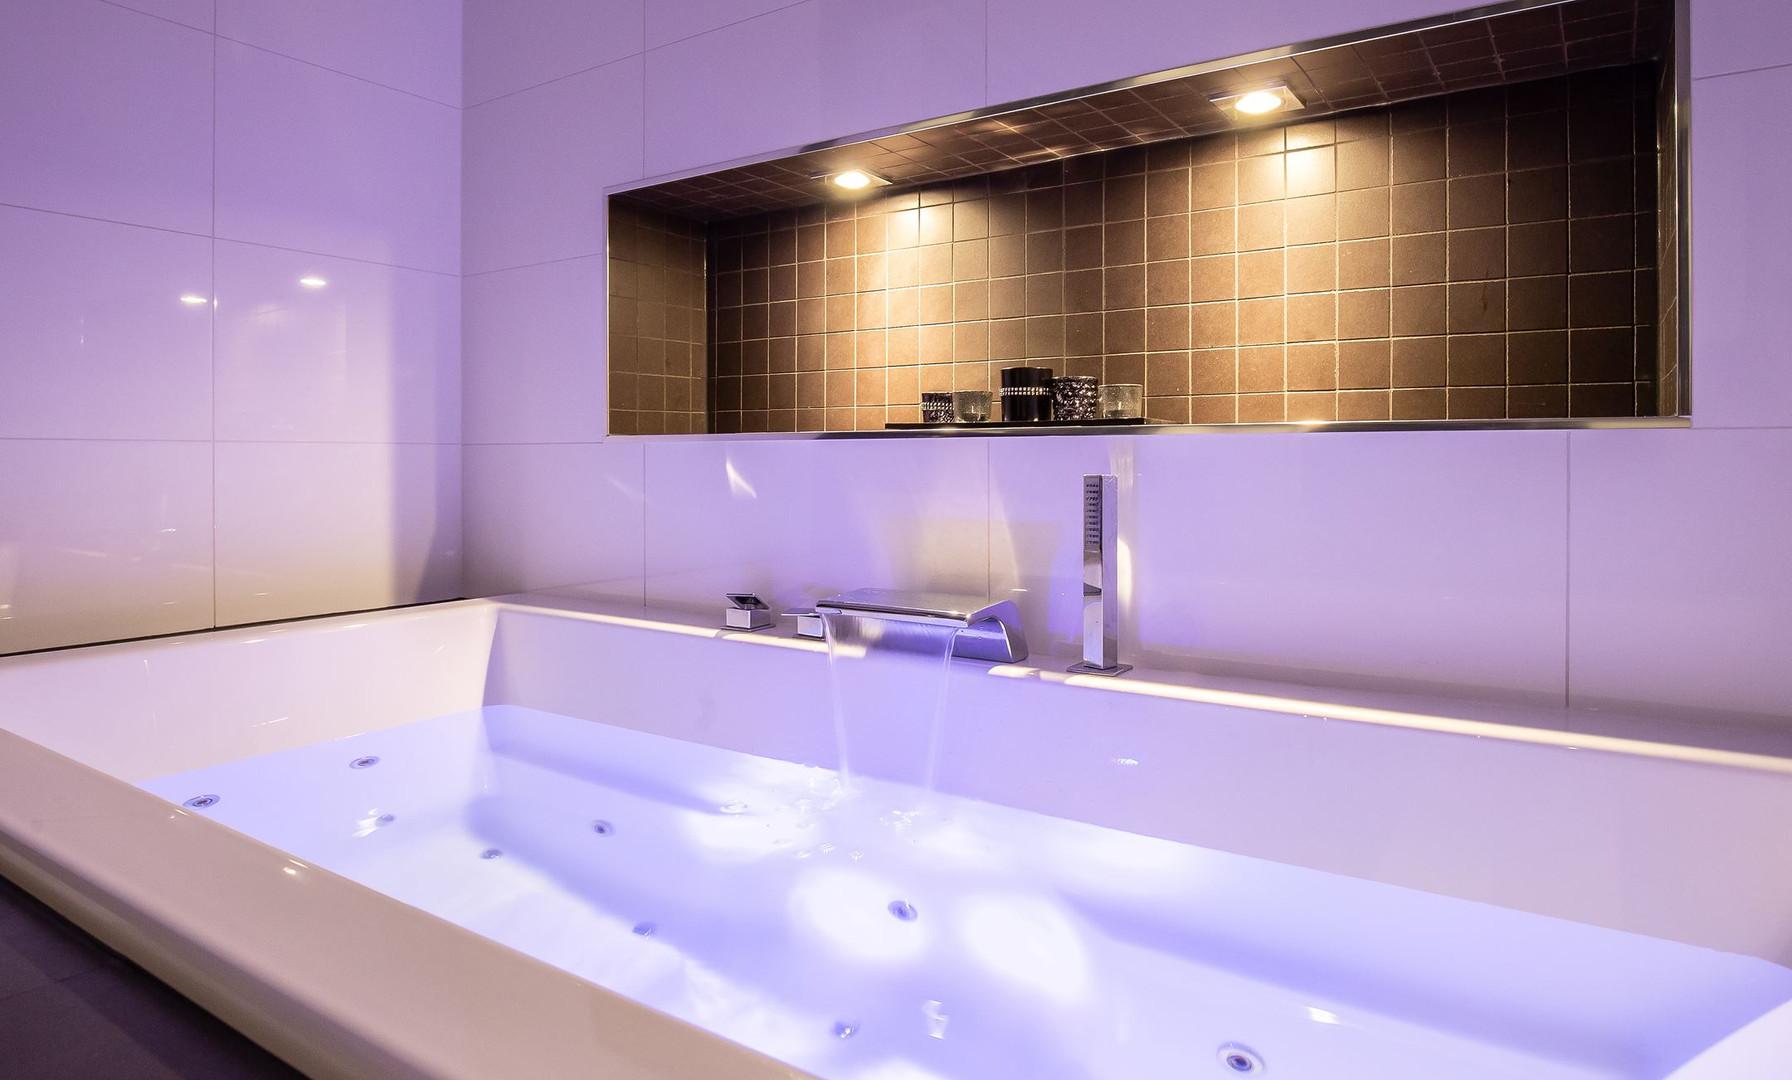 Een badkamer met verlichting waar je uren in kunt doorbrengen omdat het lichtplan van De Lichtplanners klopt.